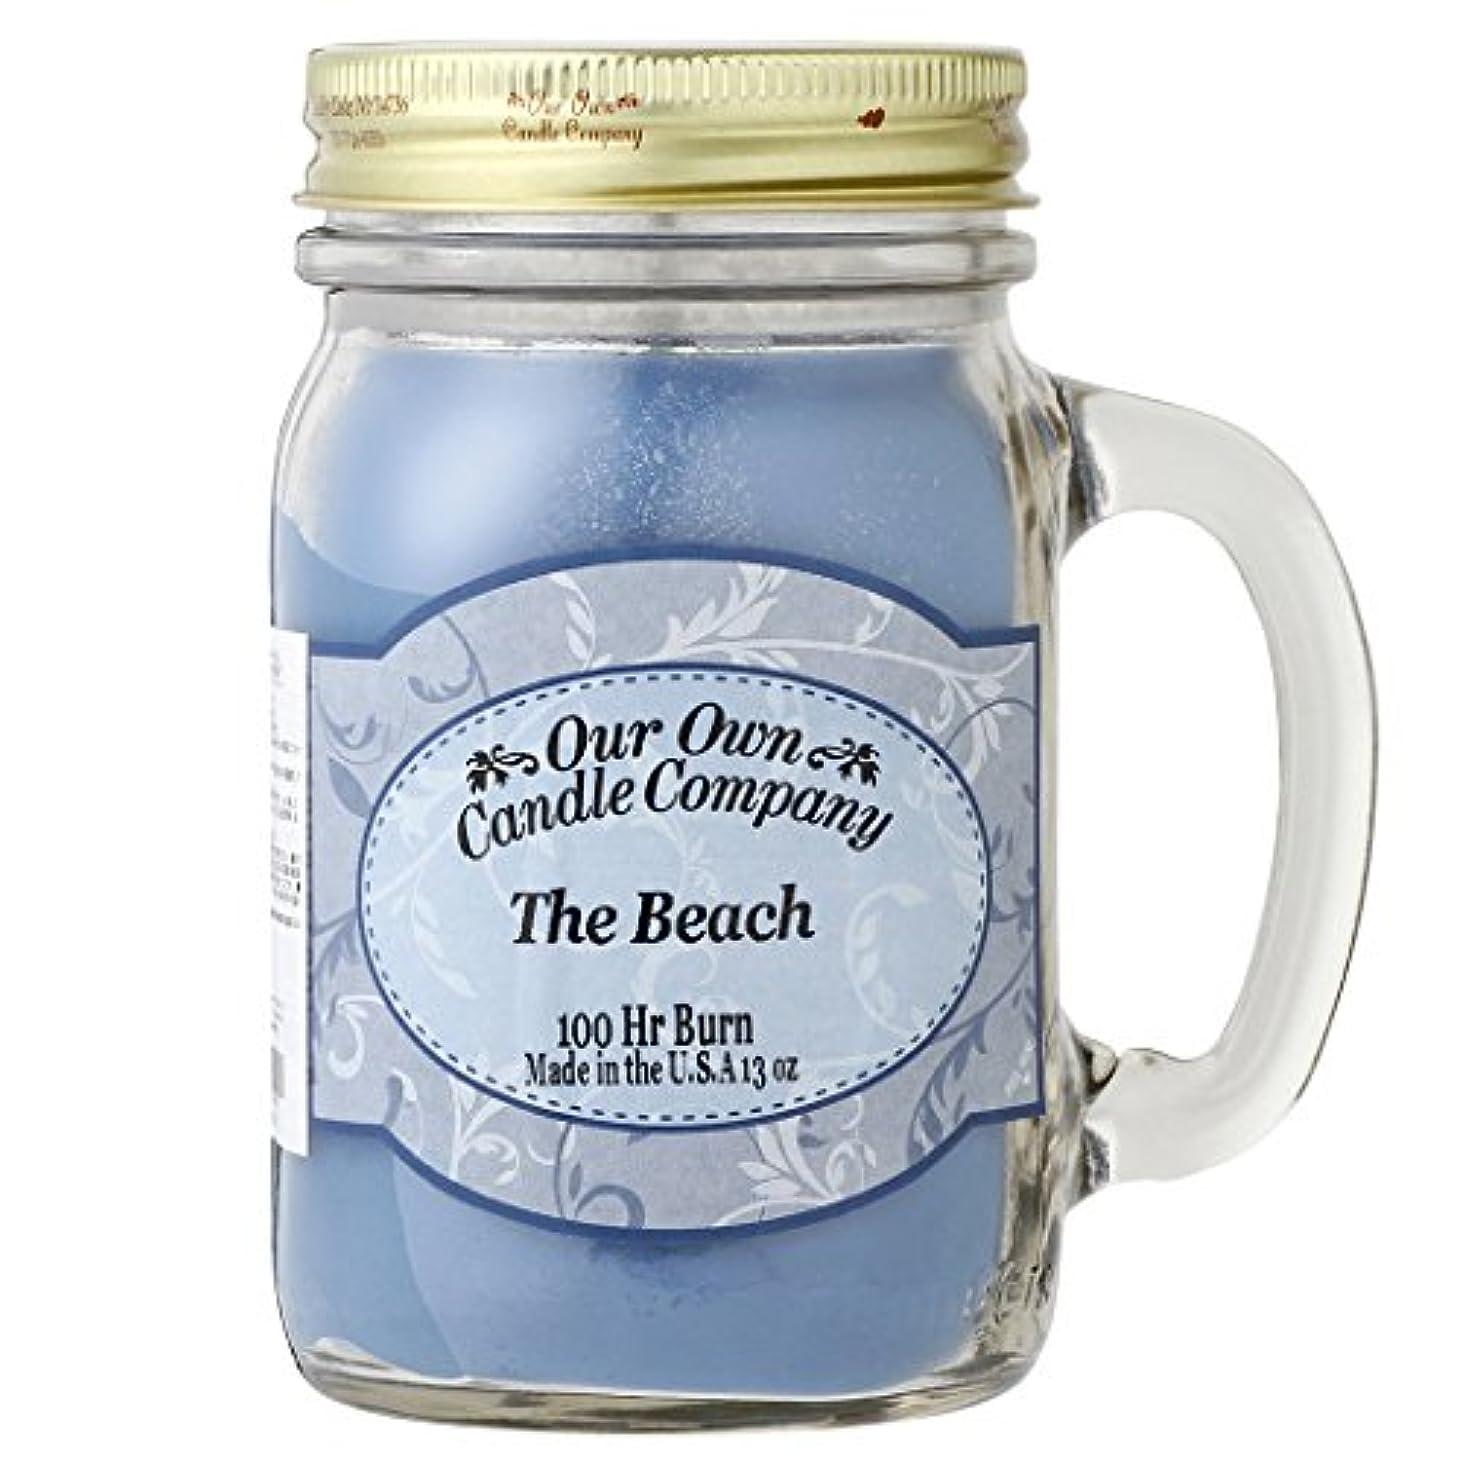 粘着性ウィンクブースOur Own Candle Company メイソンジャーキャンドル ラージサイズ ザ?ビーチ OU100119